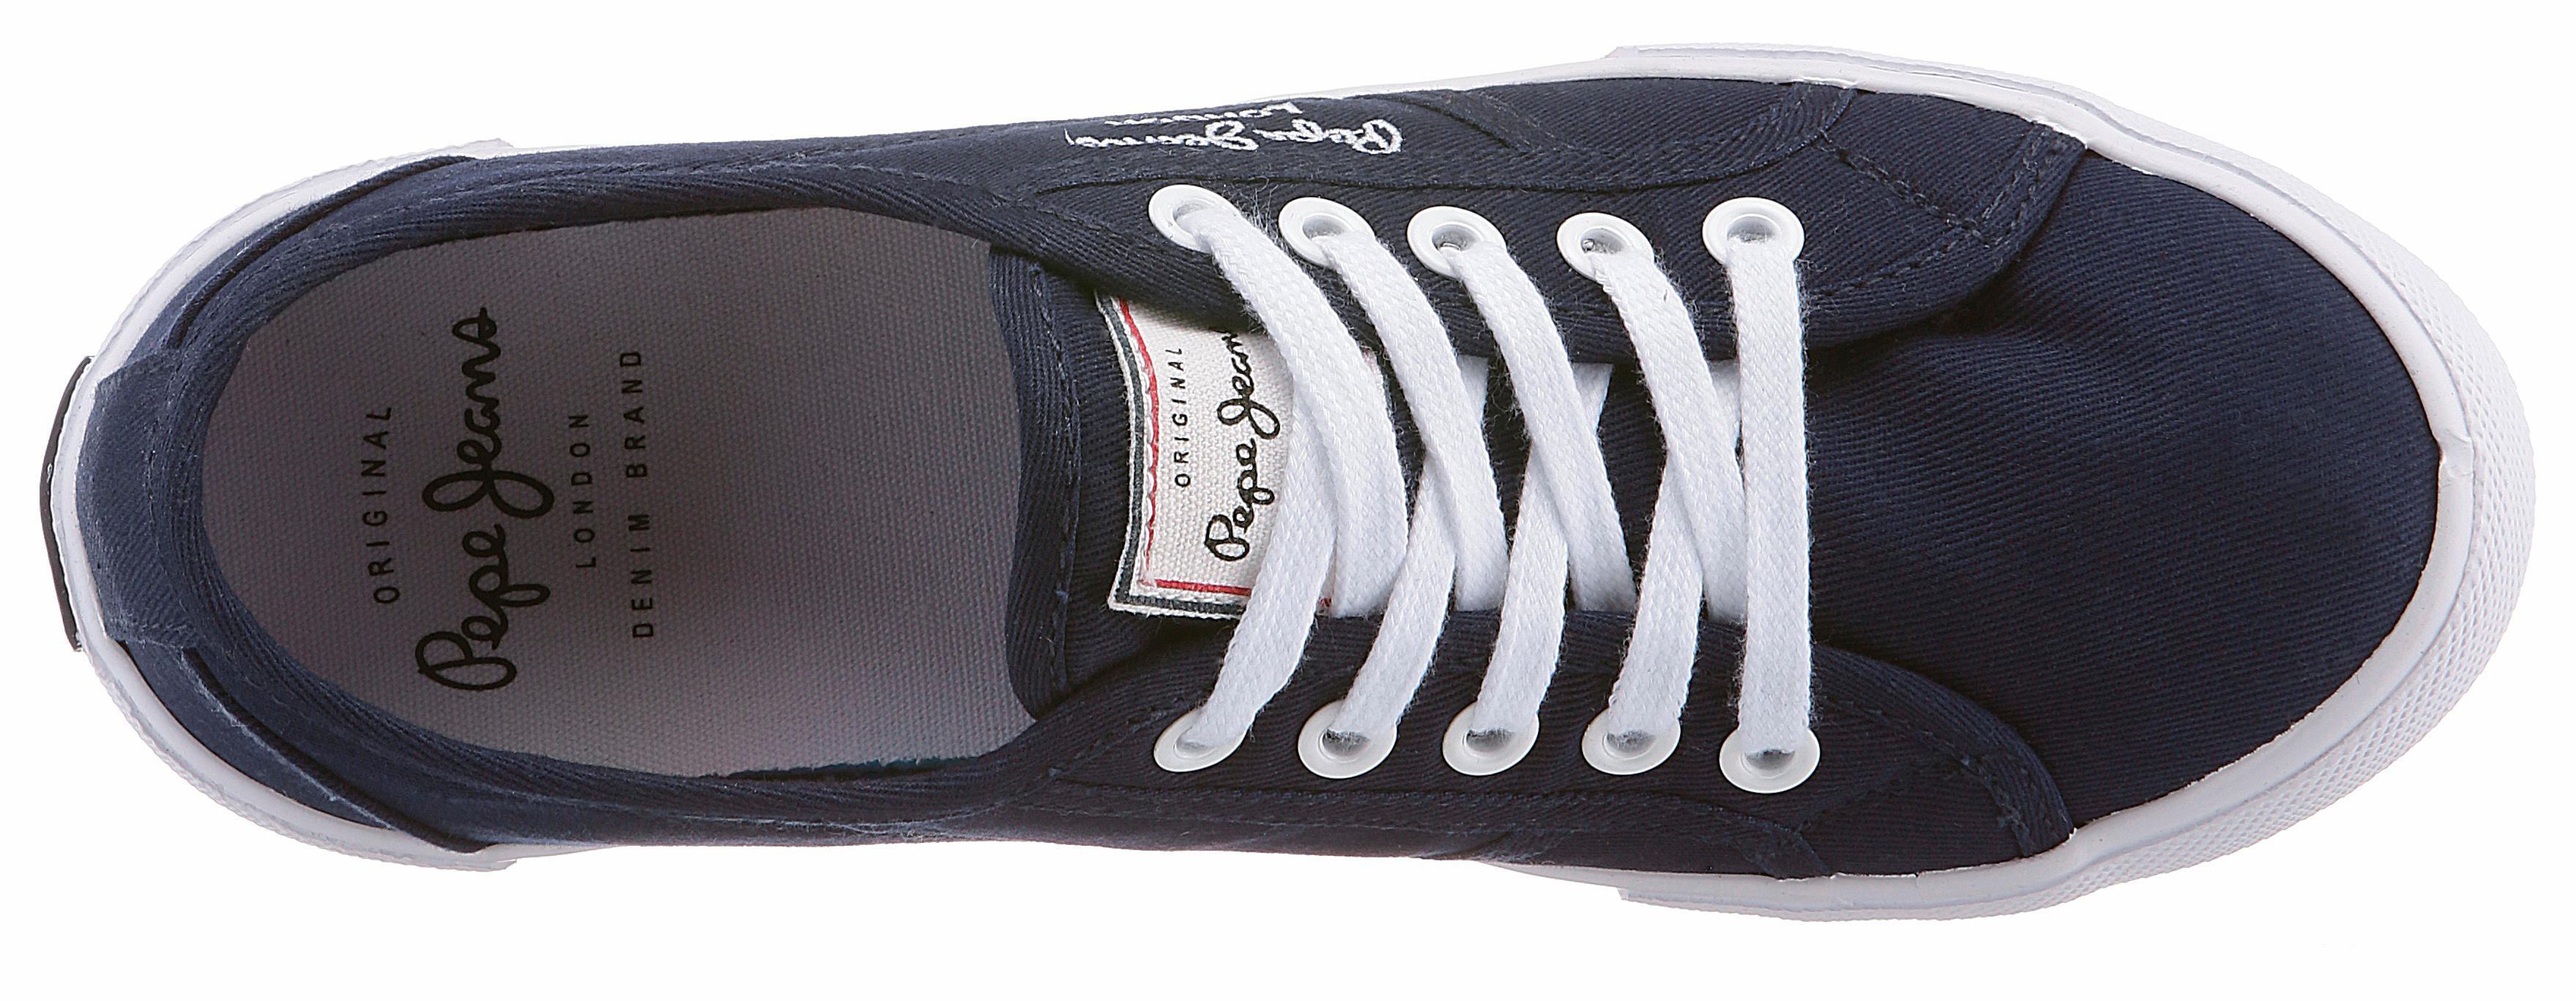 Pepe Jeans Turnschuhe ABERLADY BASIC Damenmode Turnschuhe Damen Turnschuhe    | Verschiedene  2c886d